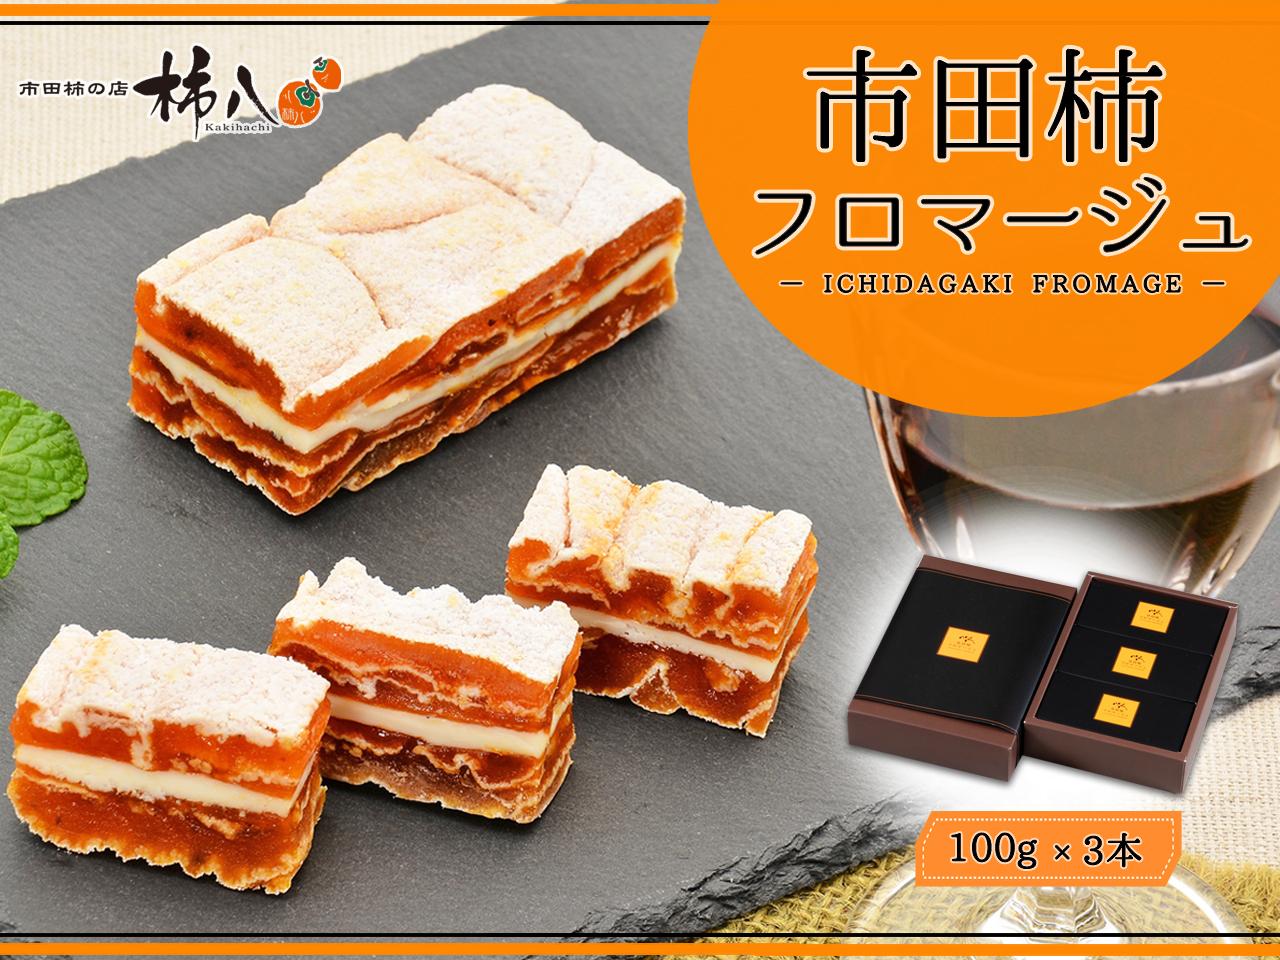 市田柿フロマージュ100g×3 top